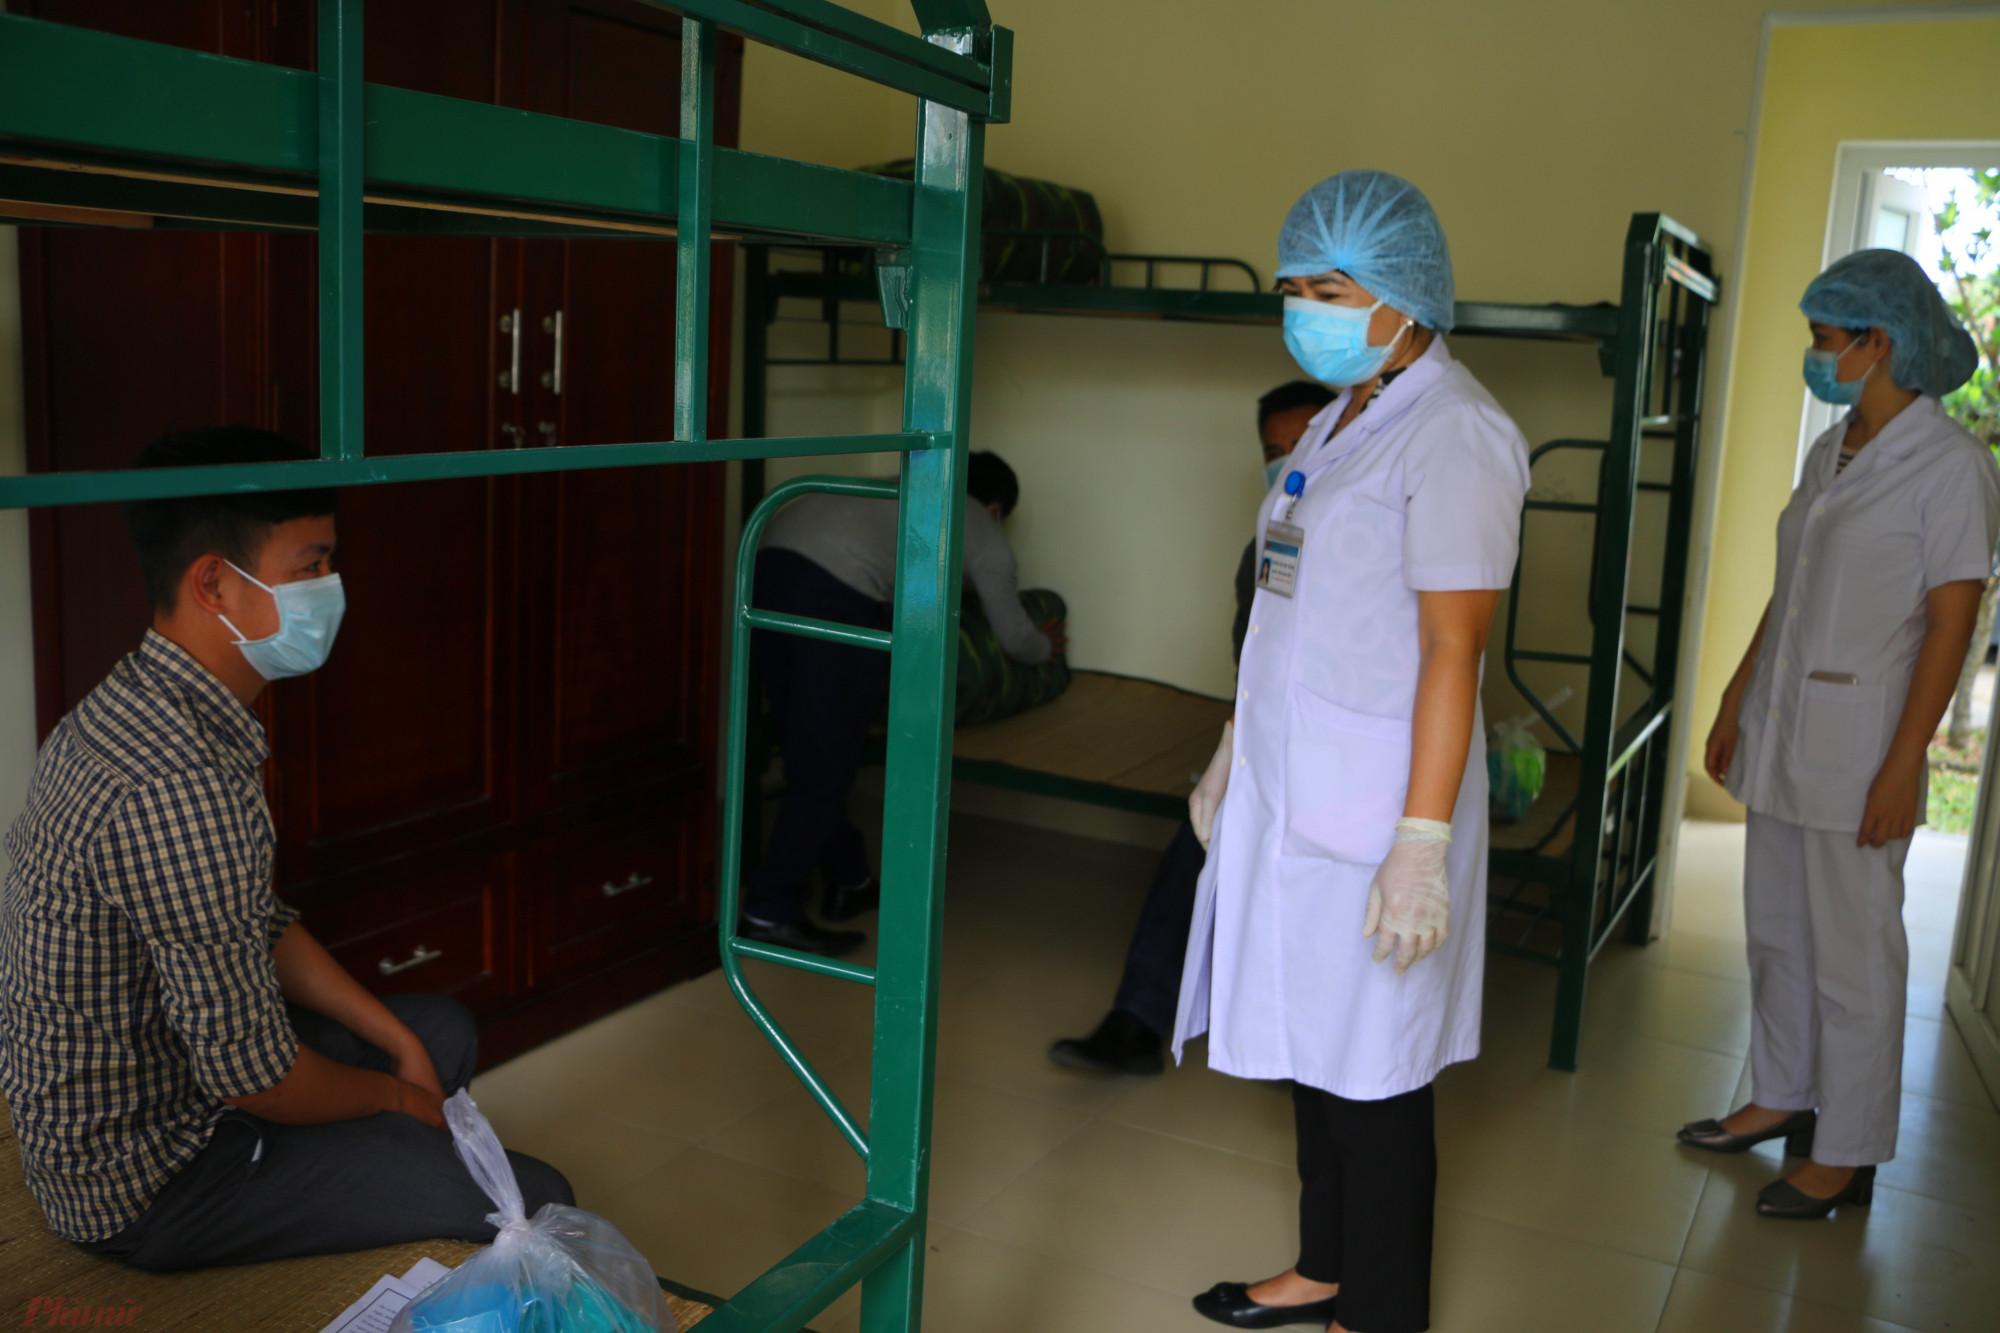 Kết thúc là hình ảnh nhân viên Y tế cùng lực lượng quân y đến kiể tra sức khỏe các công nhân để làm báo cáo gửi lên cấp trên để tiếp tục theo dõi trong vòng 14 ngày